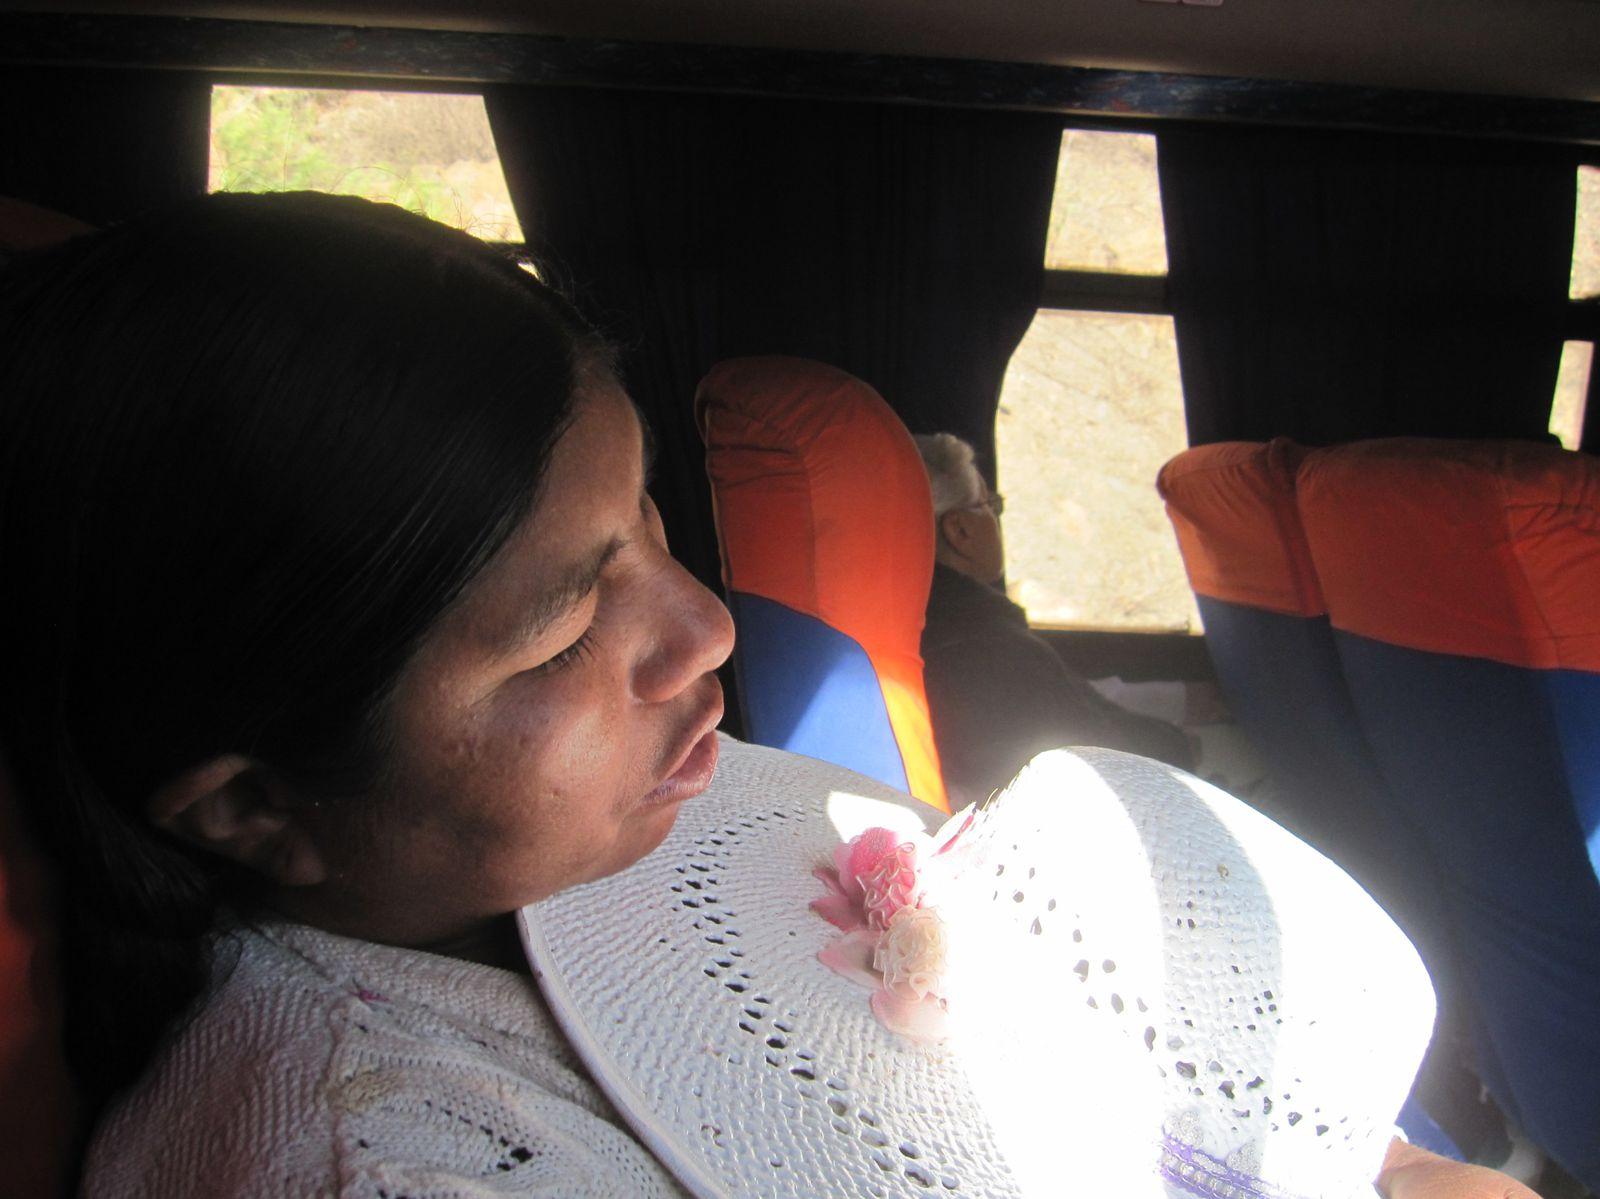 On the road: Compañera de viaje